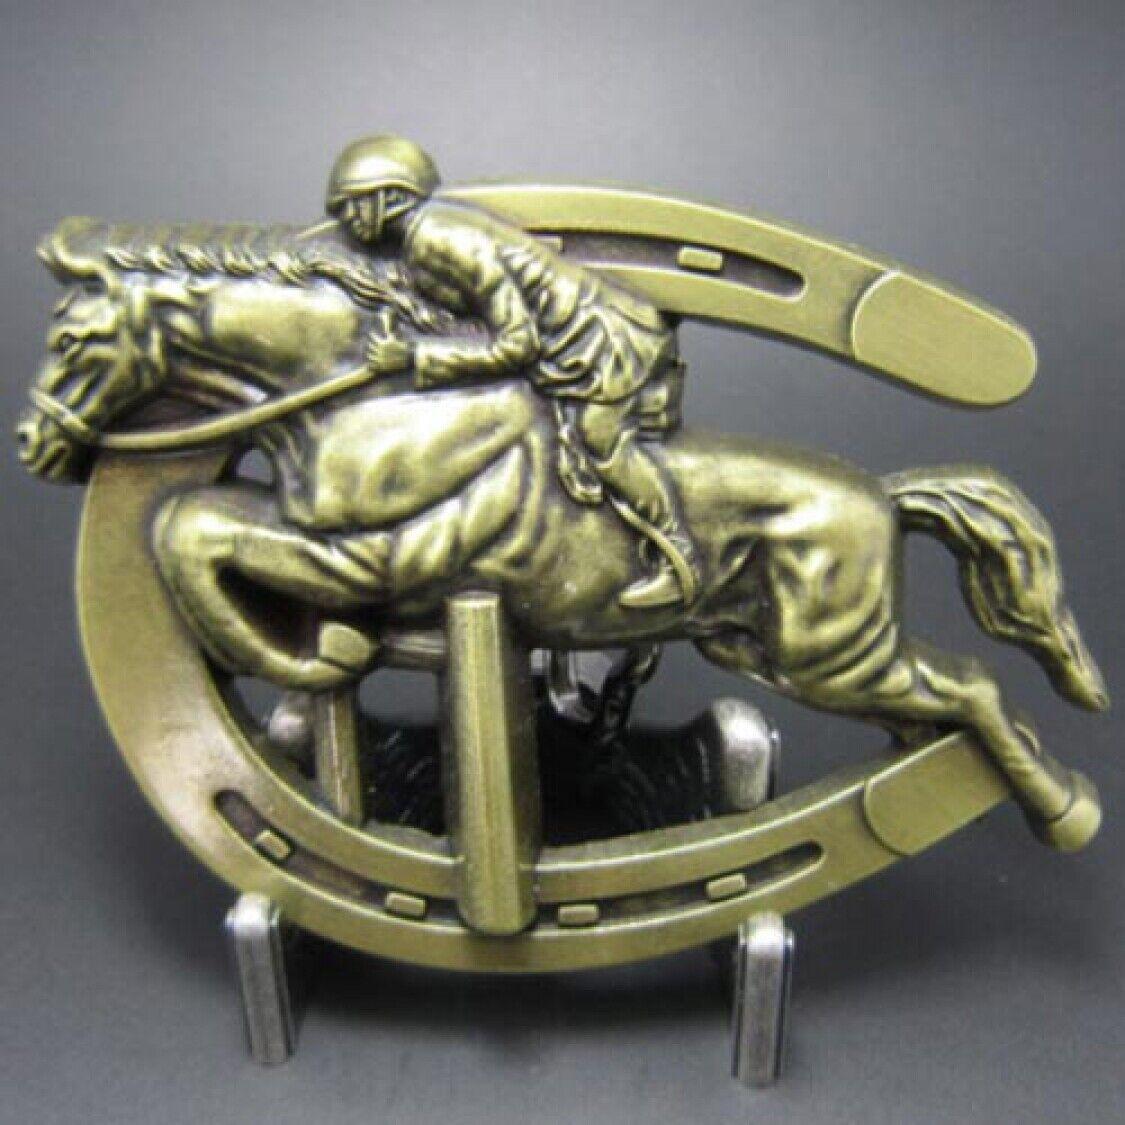 Buckle Pferd mit Reiter, Jockey, Springreiten, Gürtelschnalle